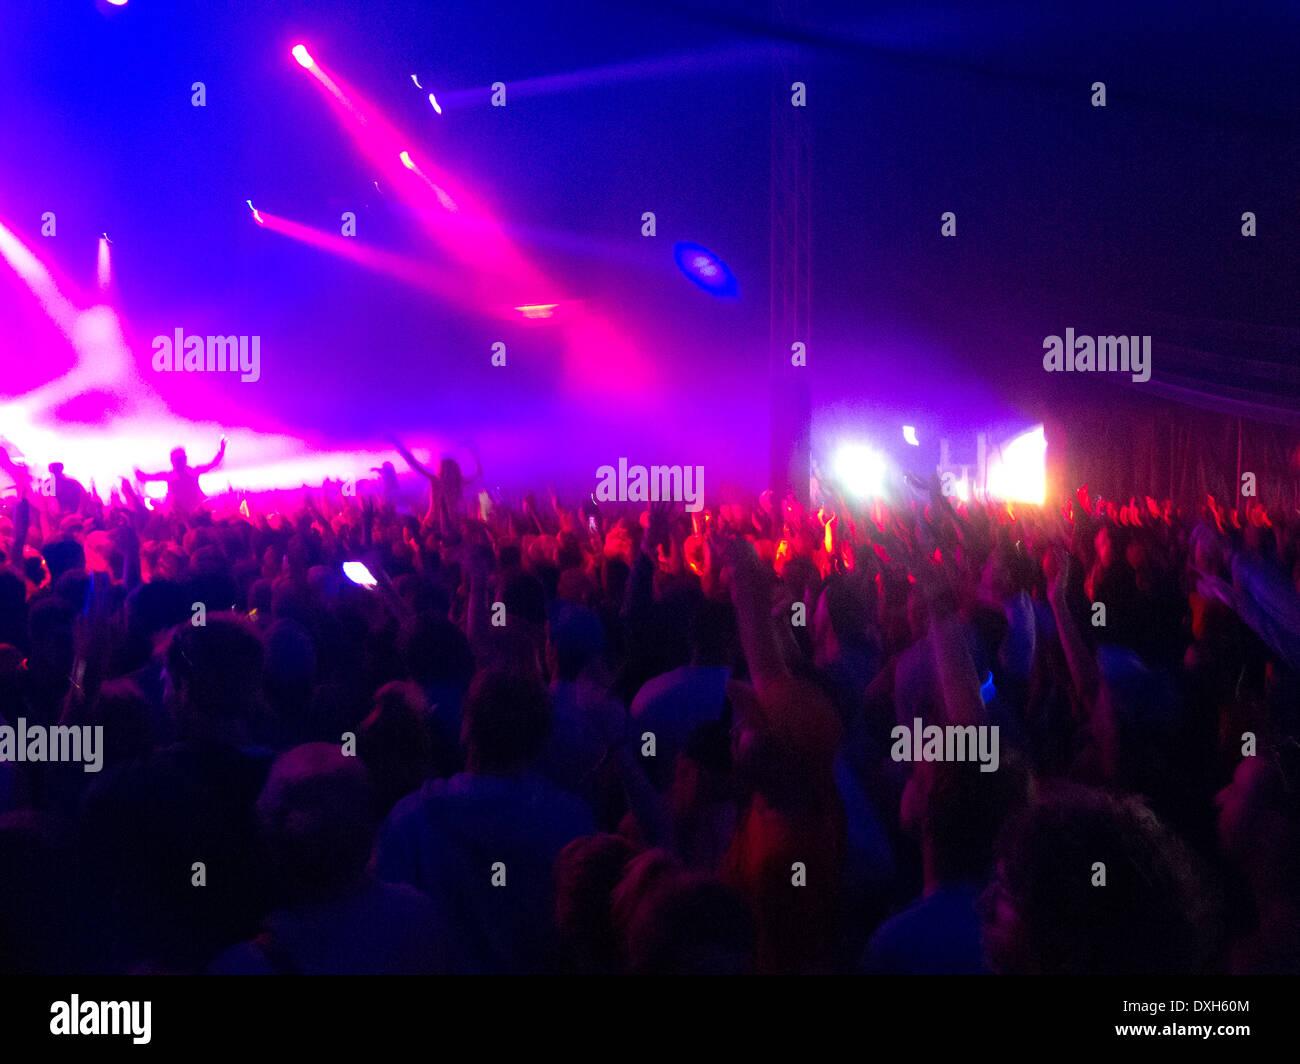 Masse mit Blick auf beleuchtete Bühne Stockbild